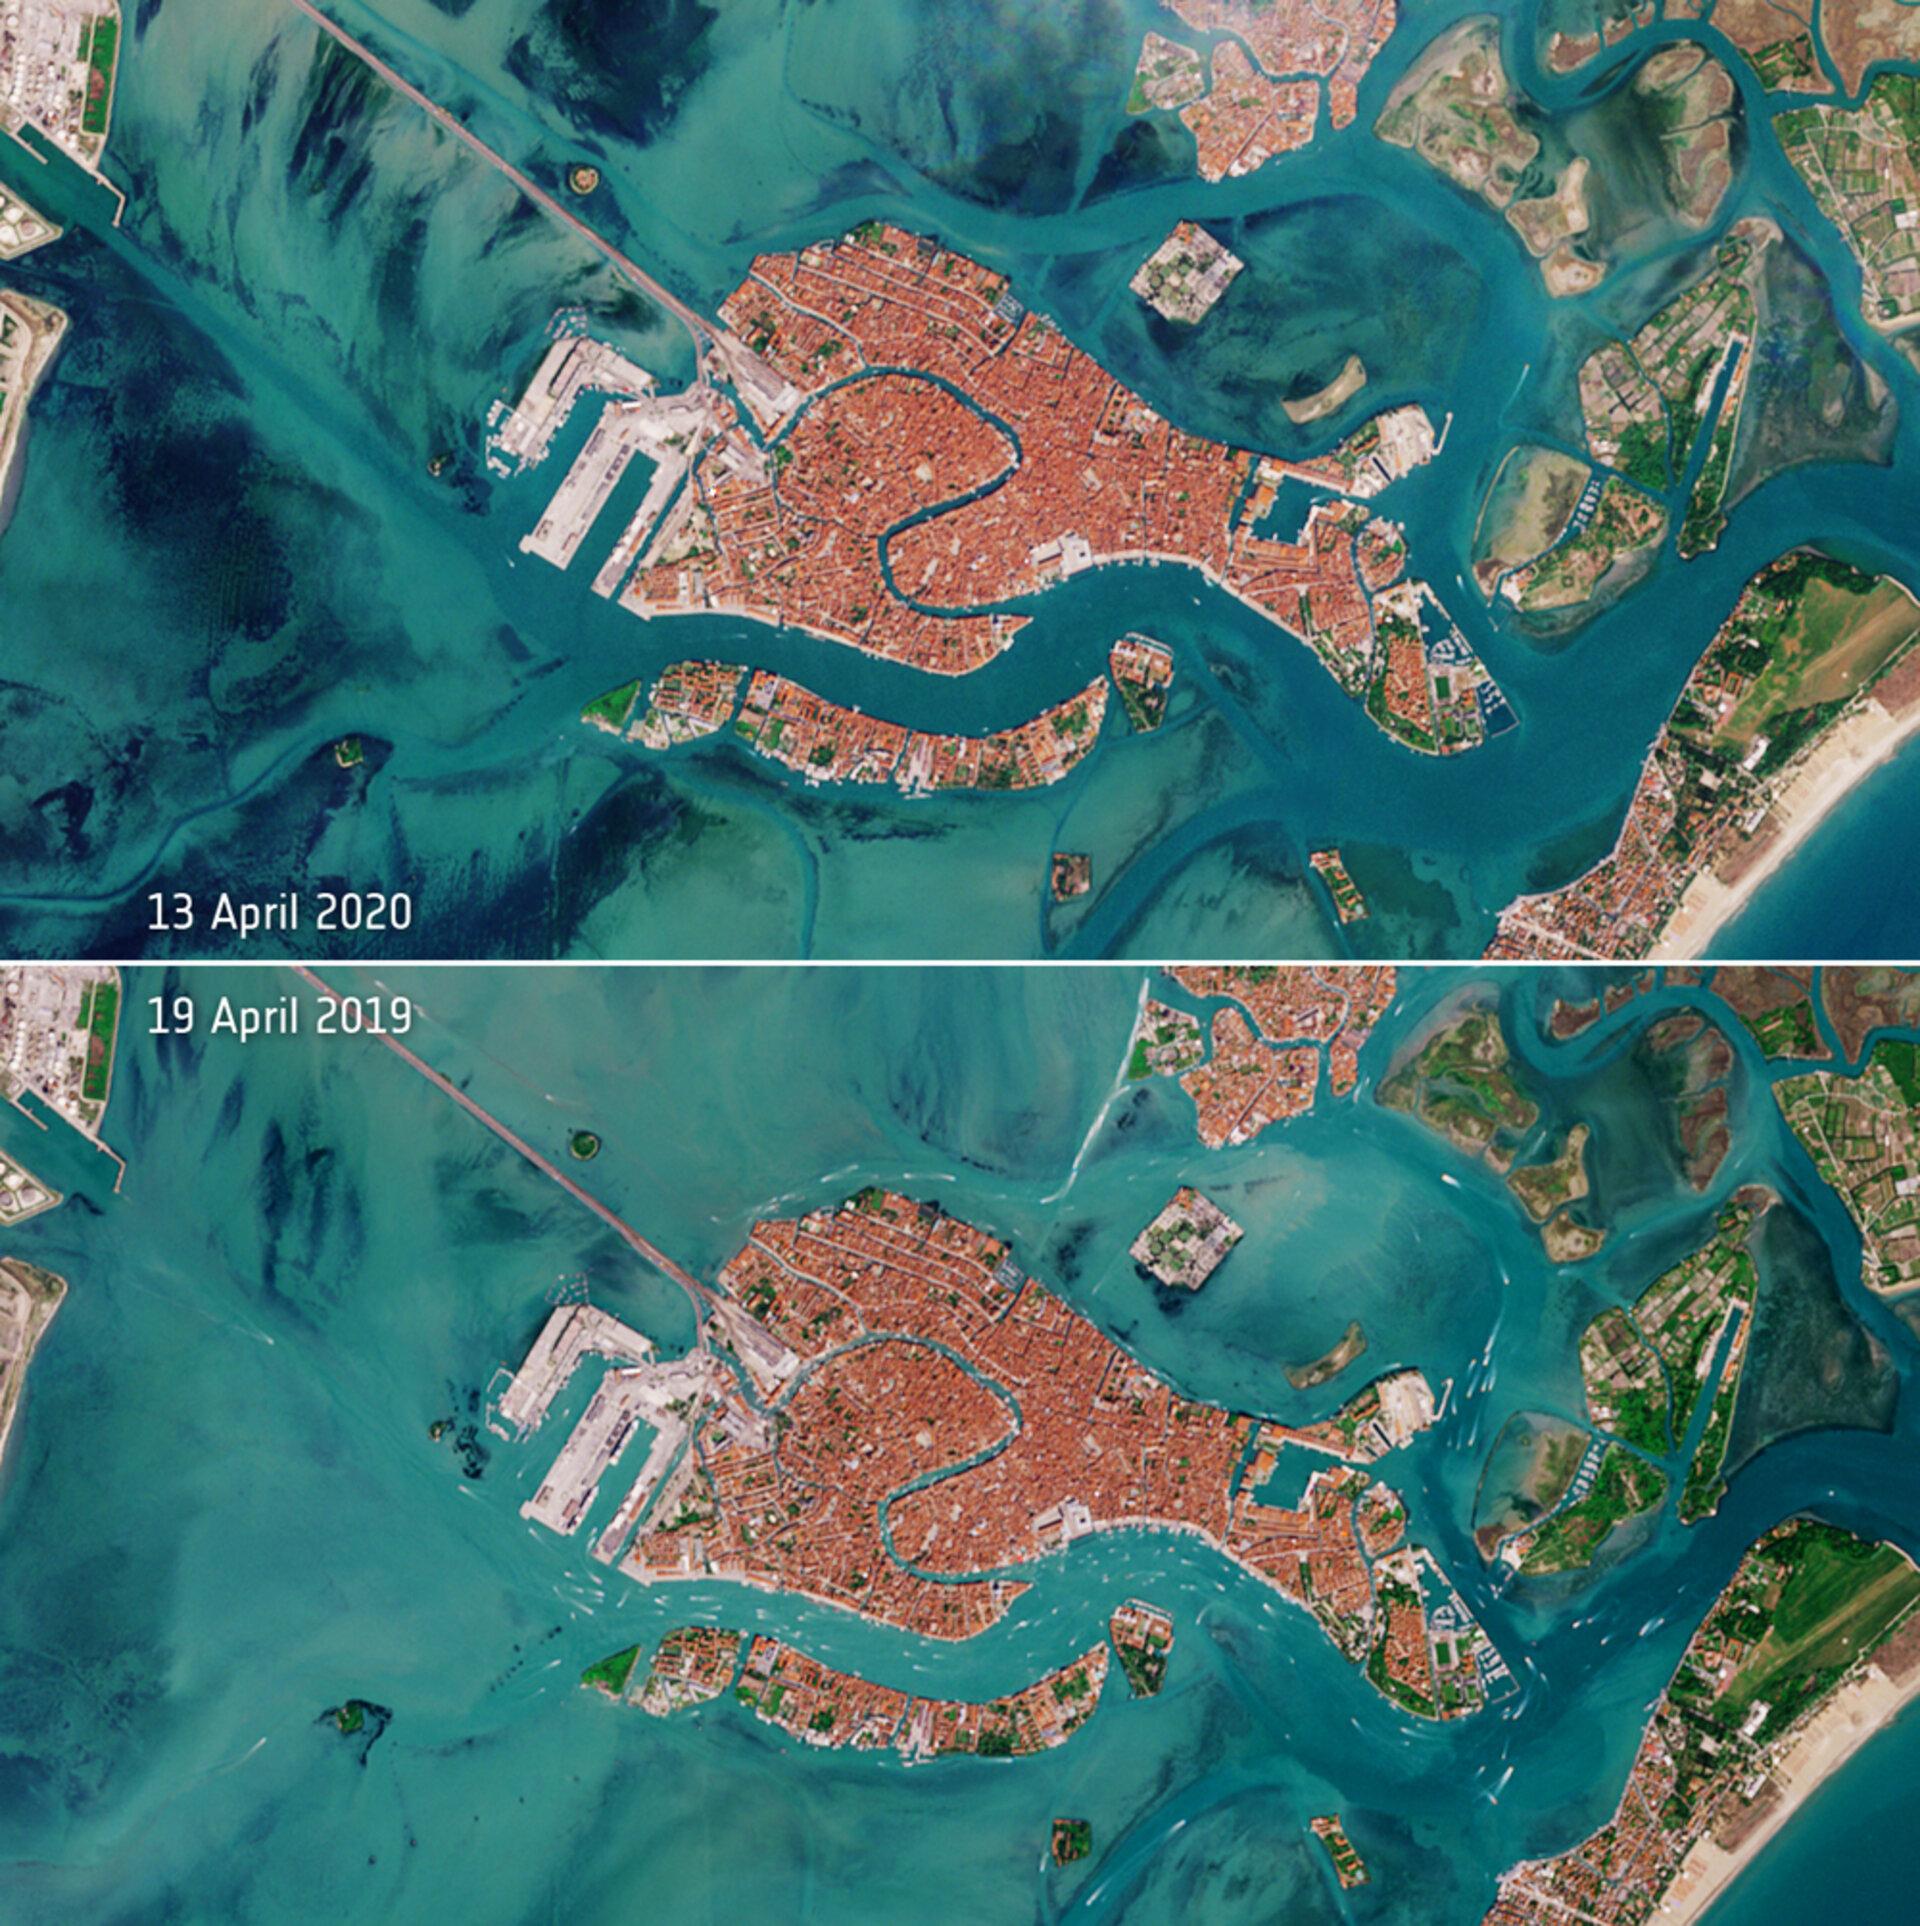 Deserted_Venetian_lagoon_pillars.jpg